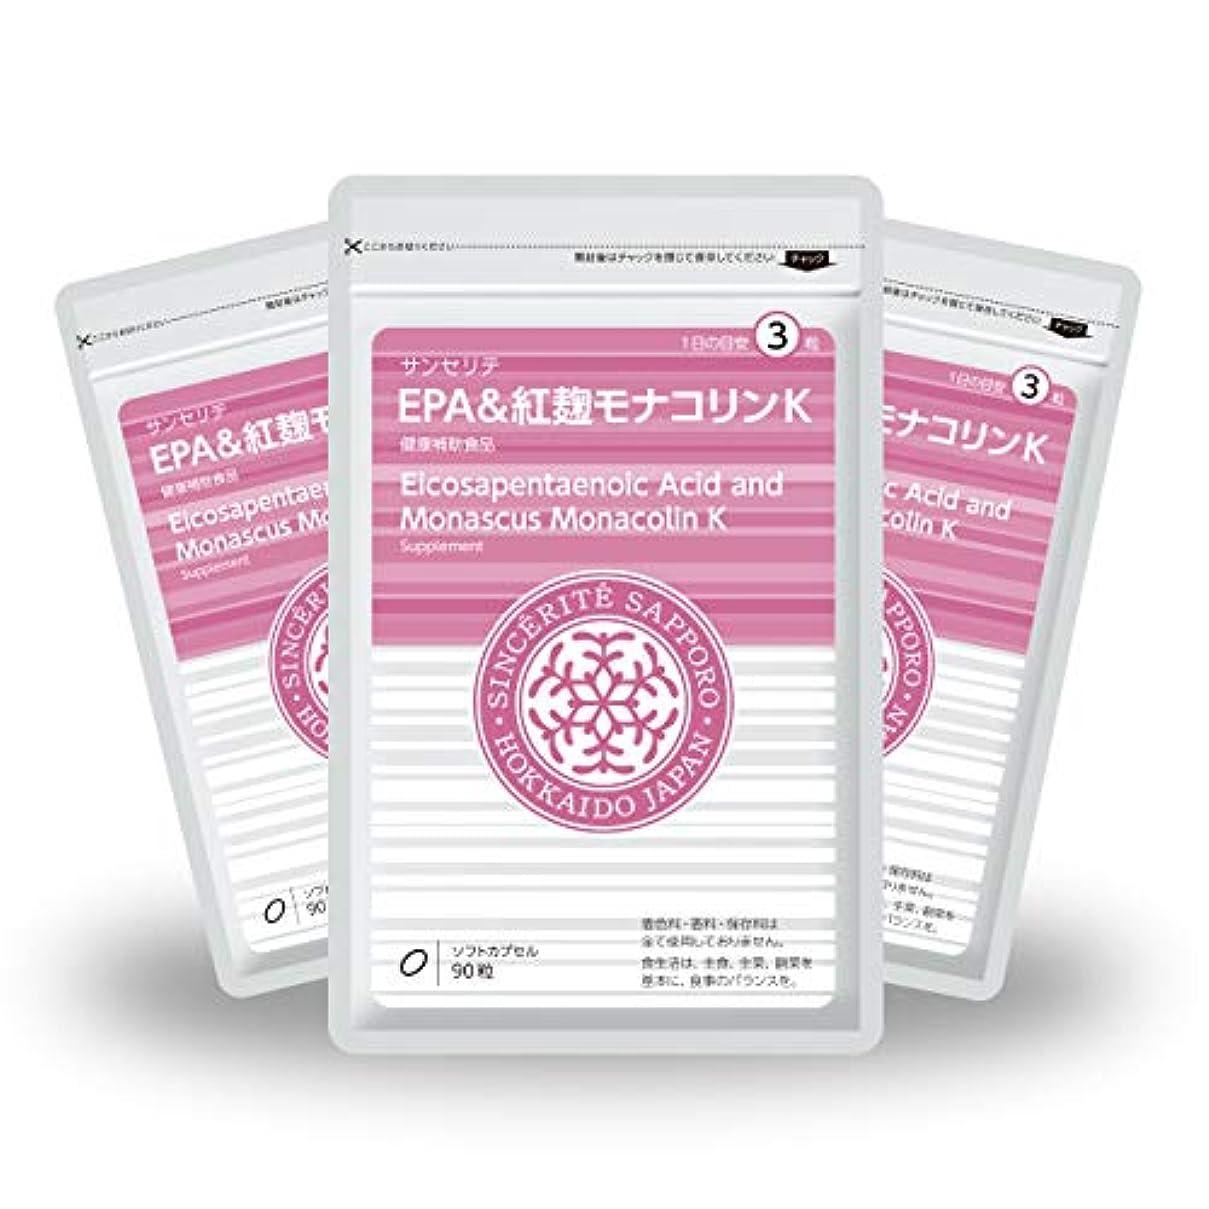 港掻く私たちEPA&紅麹モナコリンK 3袋セット[送料無料][EPA]200mg配合[国内製造]お得な90日分